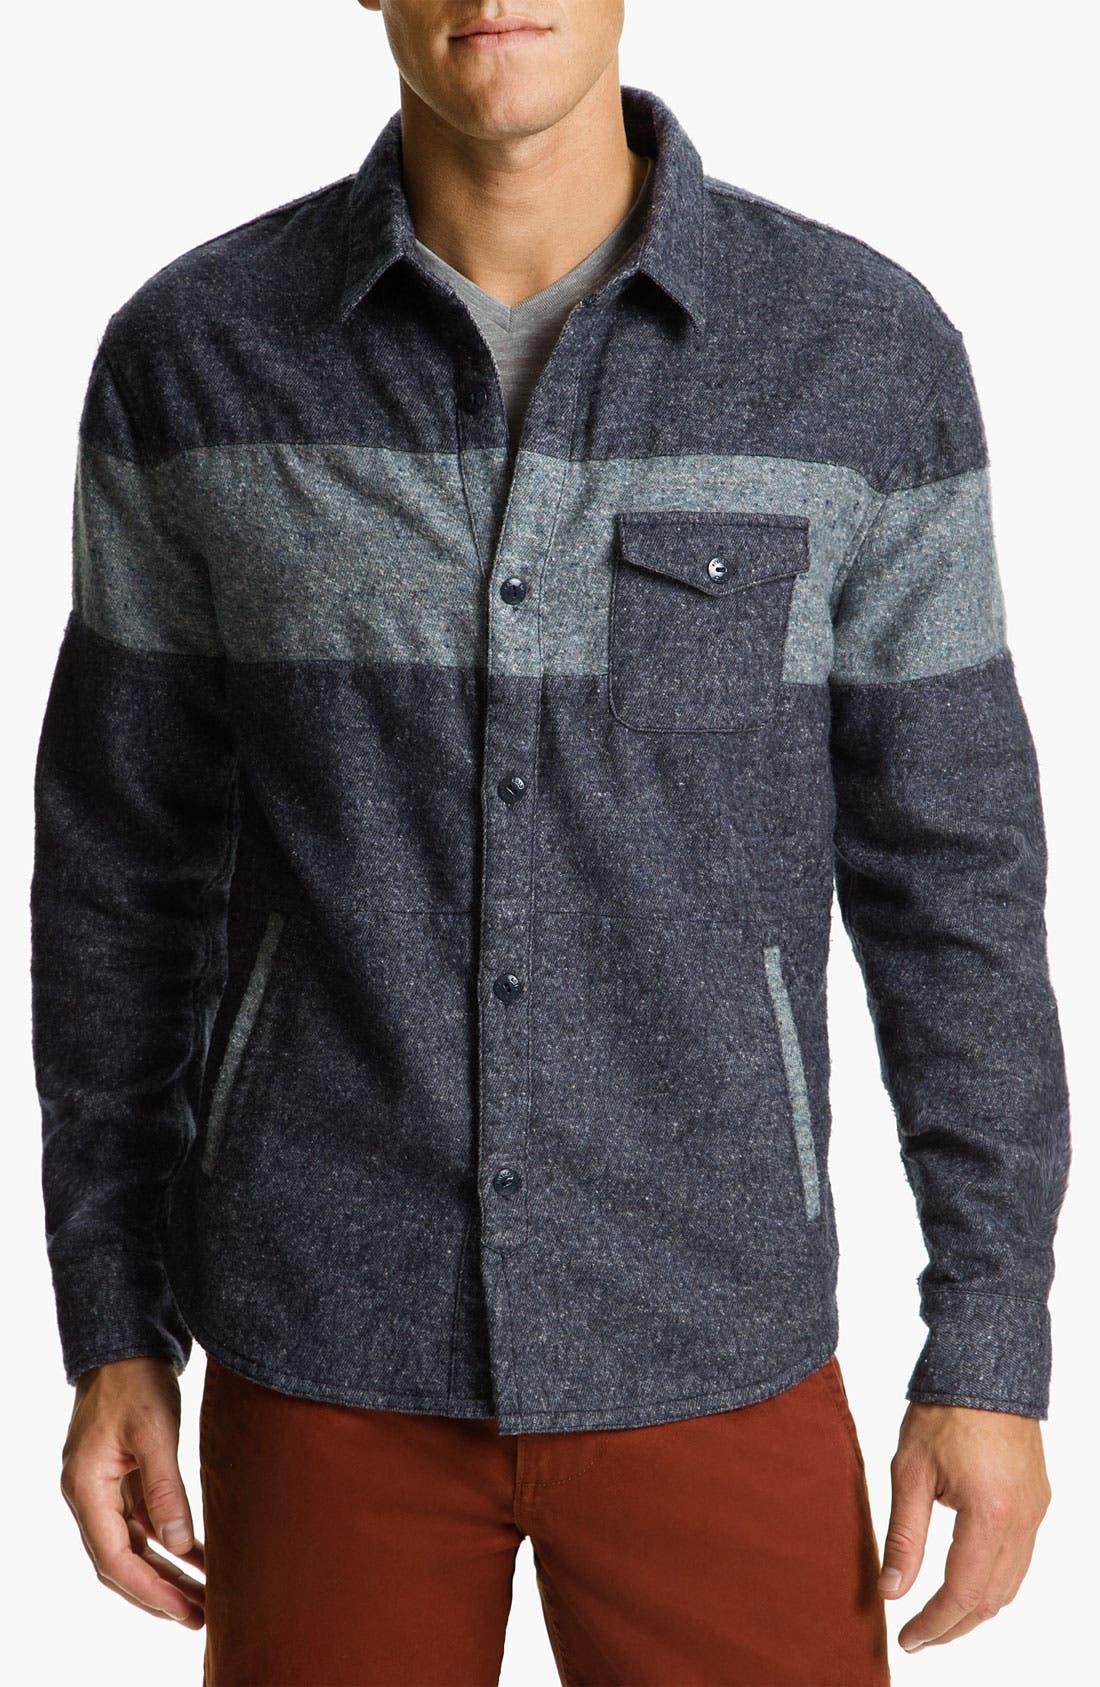 Main Image - Riviera Club 'CPO' Woven Shirt Jacket